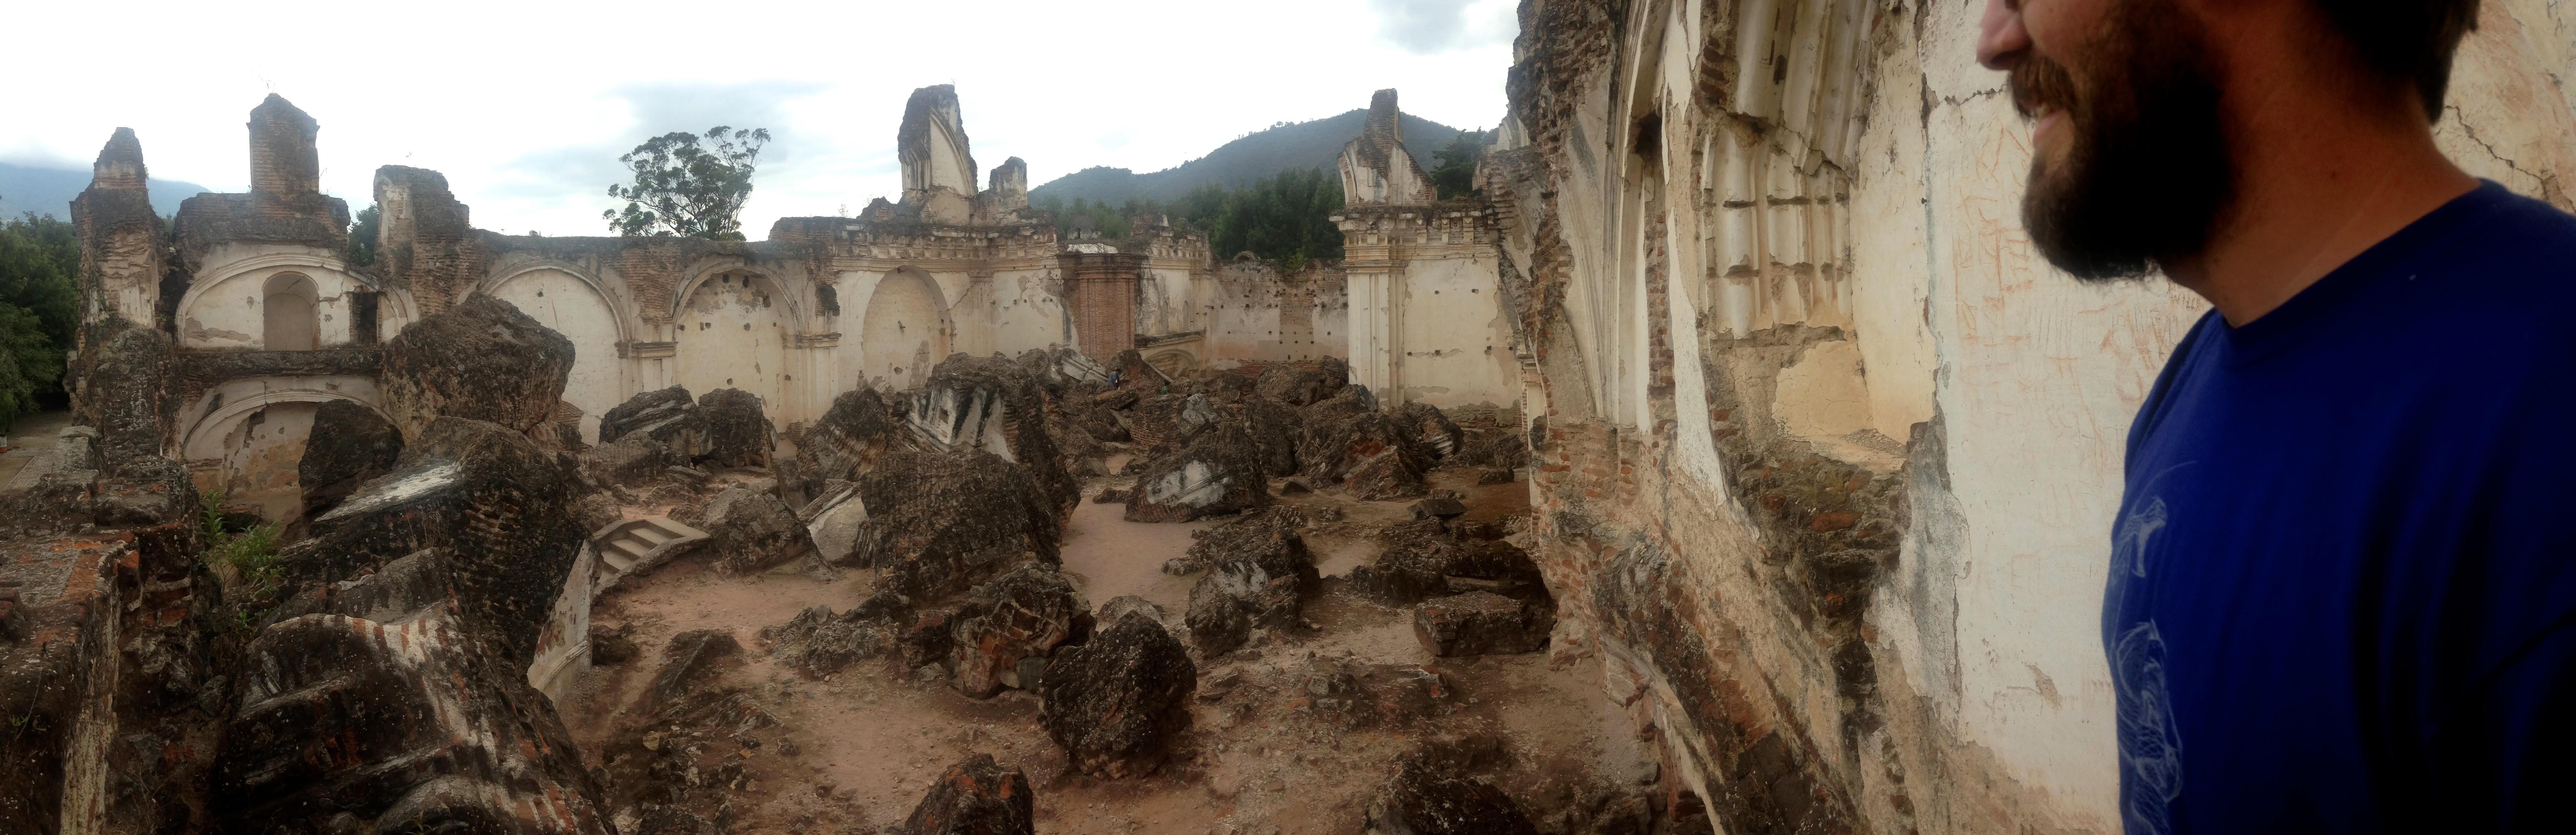 Monasterio Y Templo De La Recolección